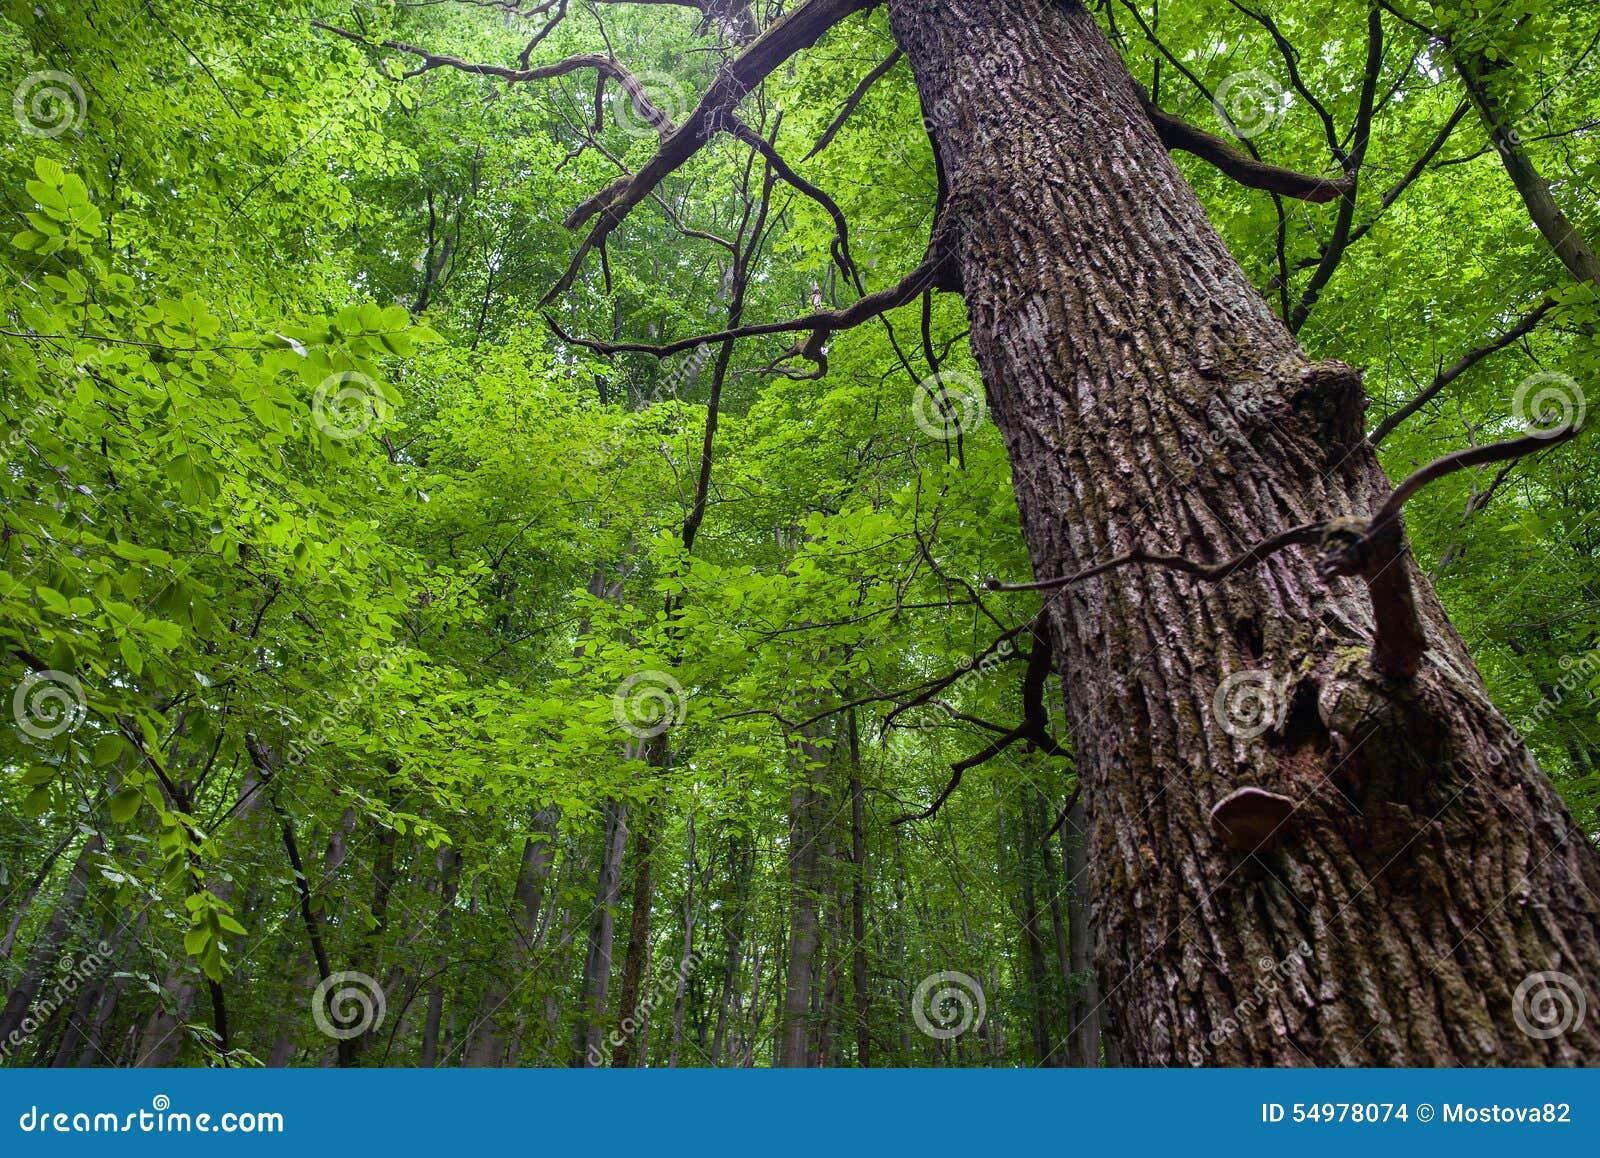 Tronco del roble en un bosque de hojas caducas